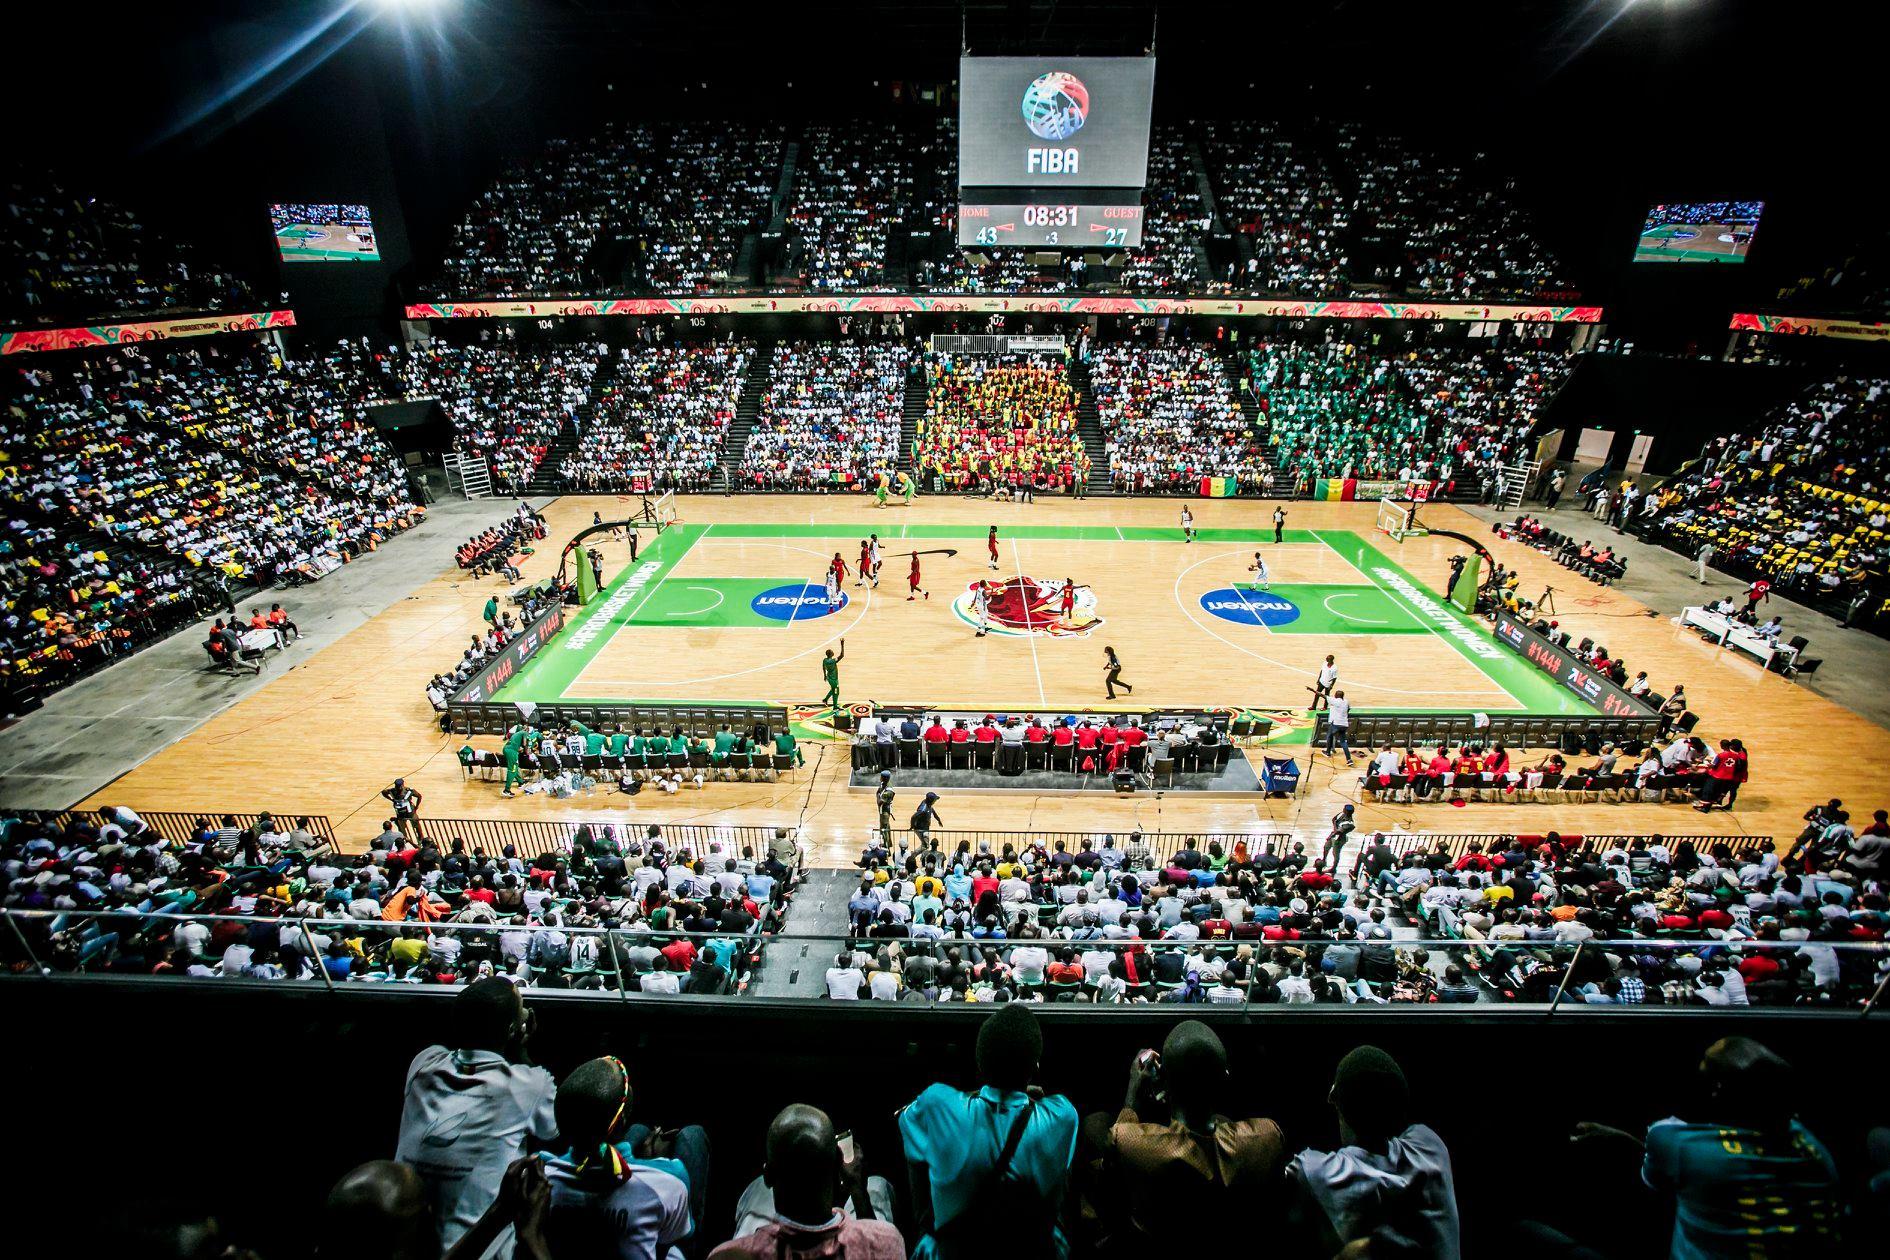 الجامعة الإفريقية لكرة السلة تطلق دورات تكوينية عن بعد بمشاركة أطر تقنية مغربية